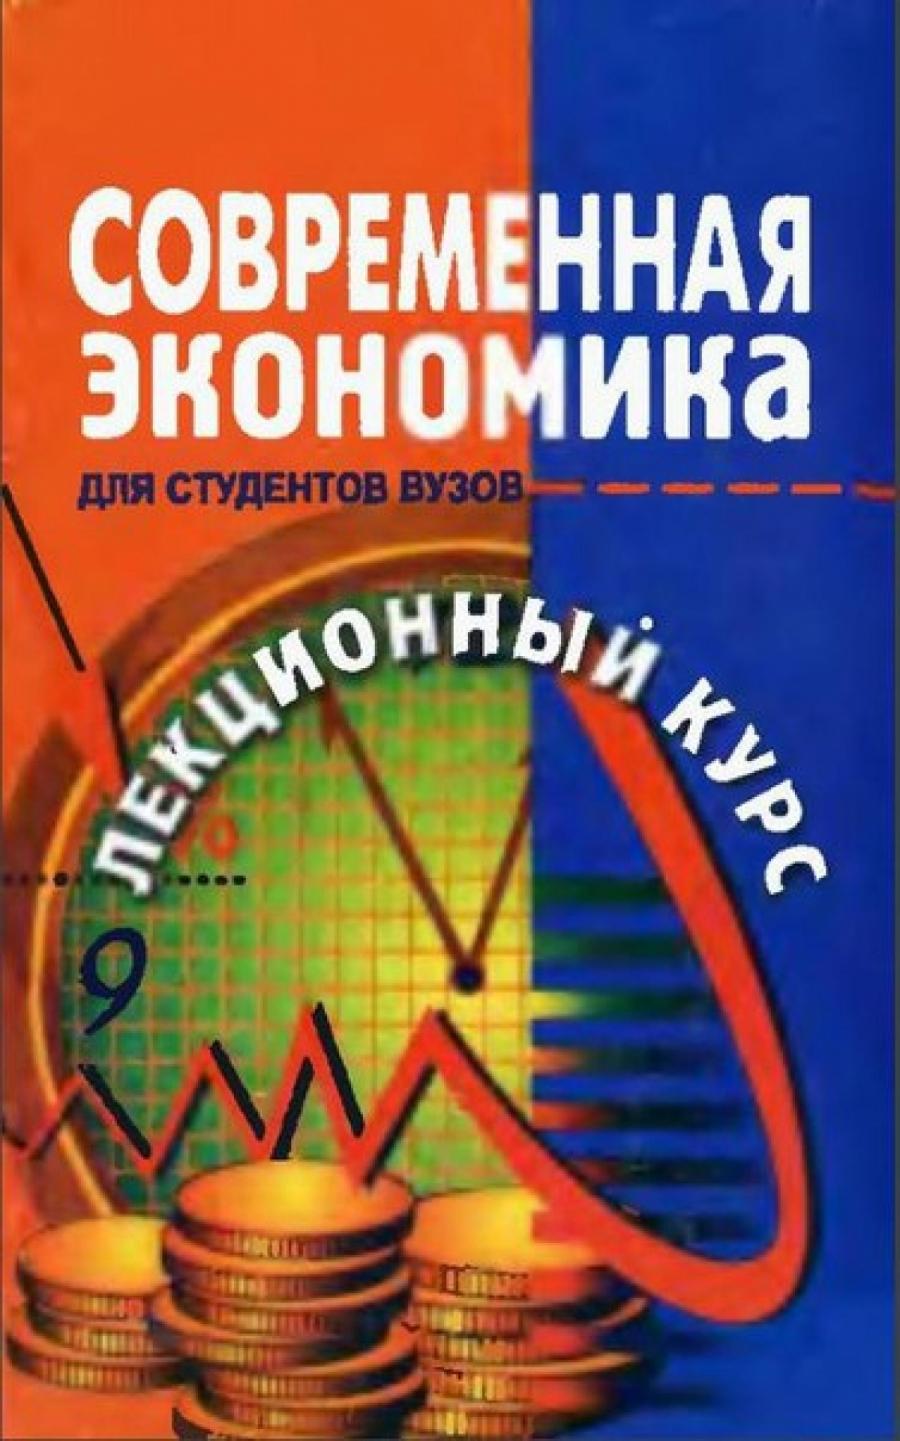 Обложка книги:  мамедов о., германова о. и др. - современная экономика